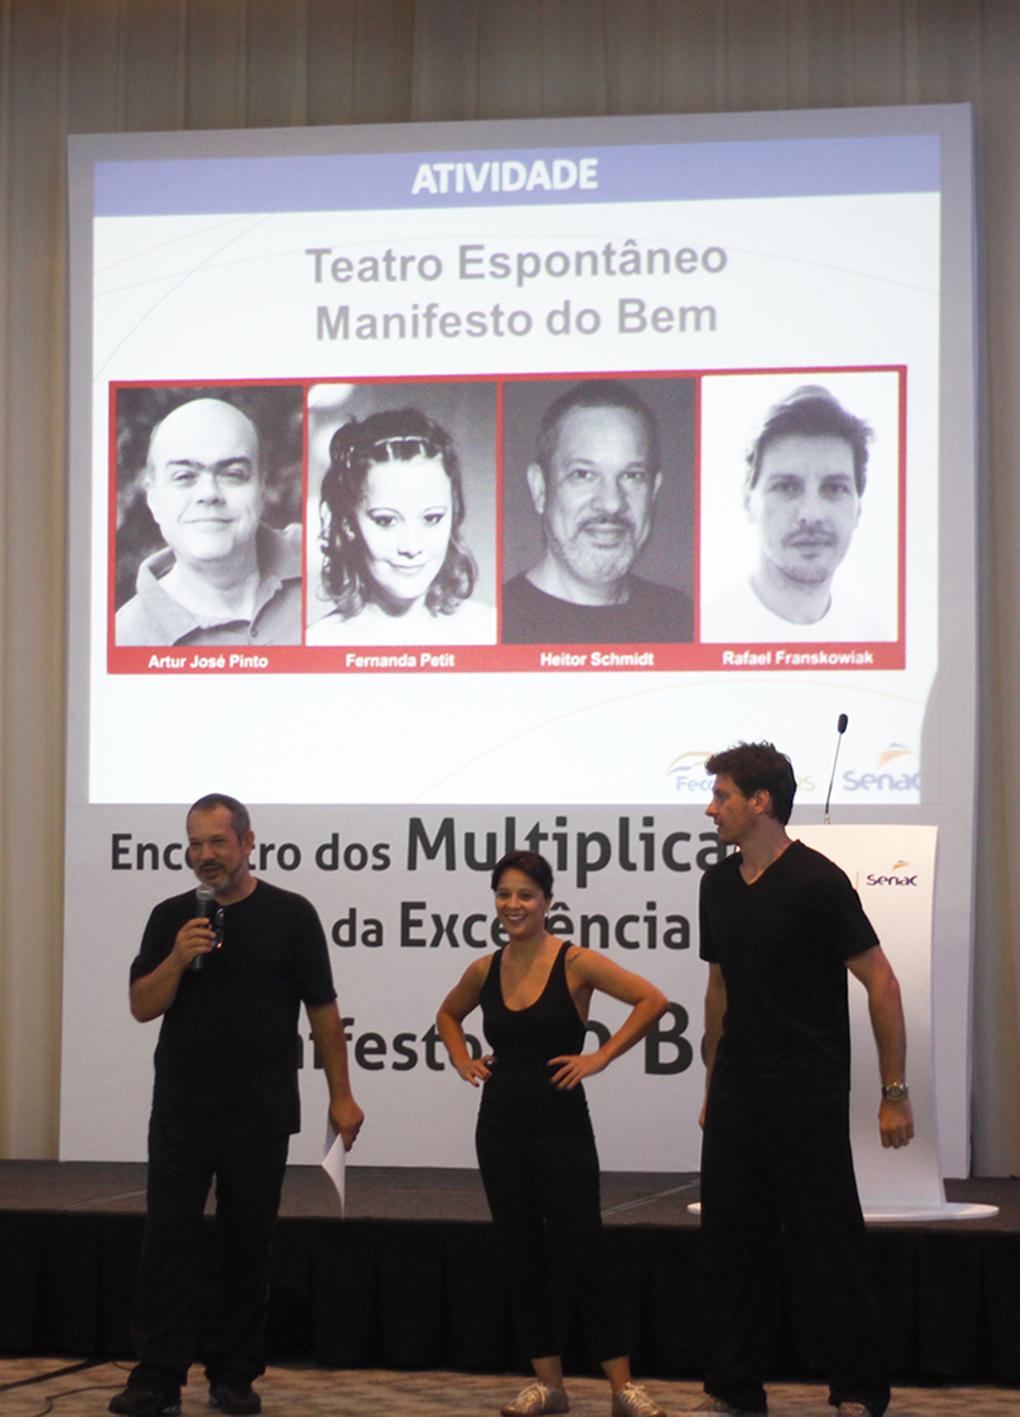 Heitor Schmidt, Fernanda Petit e Rafael Franskowiak (Foto: João Pedro Gäelzer da Silva)